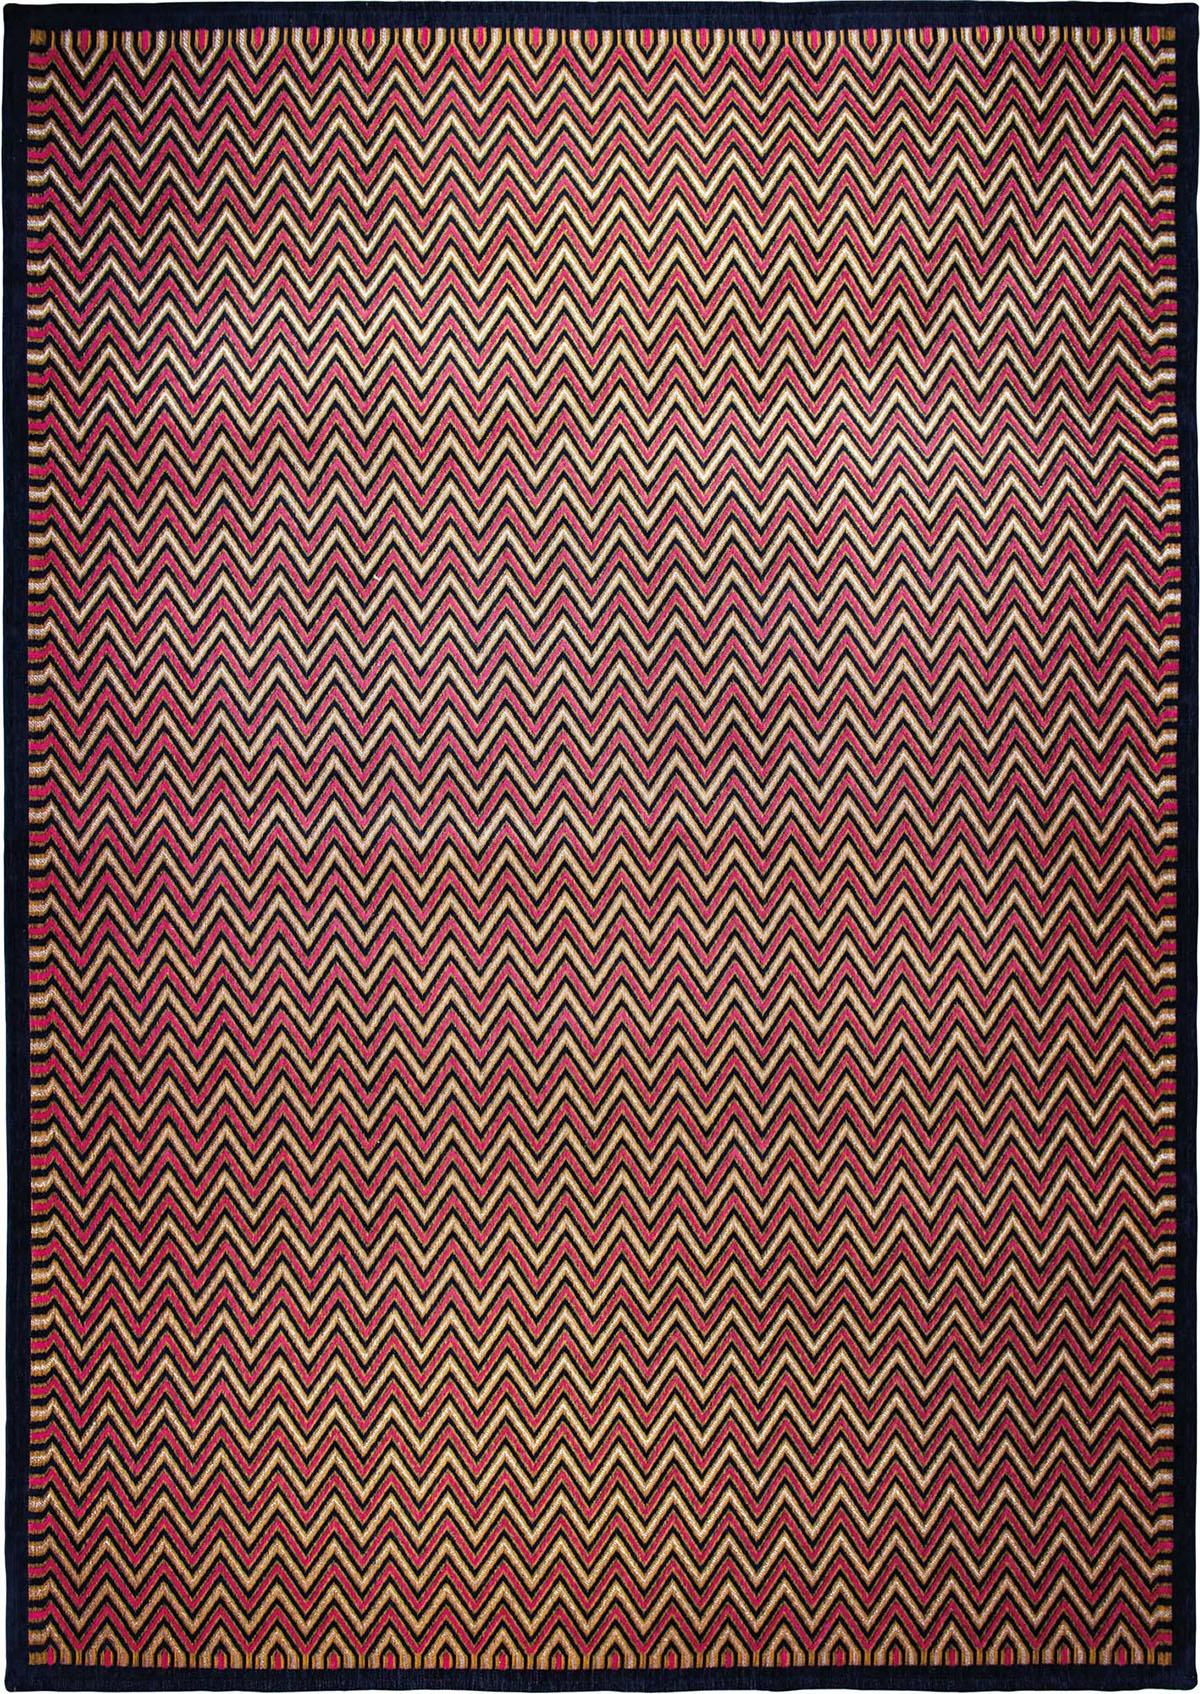 Złoto Różowy Dywan Nowoczesny - DOLOMITI BLU ROSA 9009 - Rozmiar: 170x240 cm